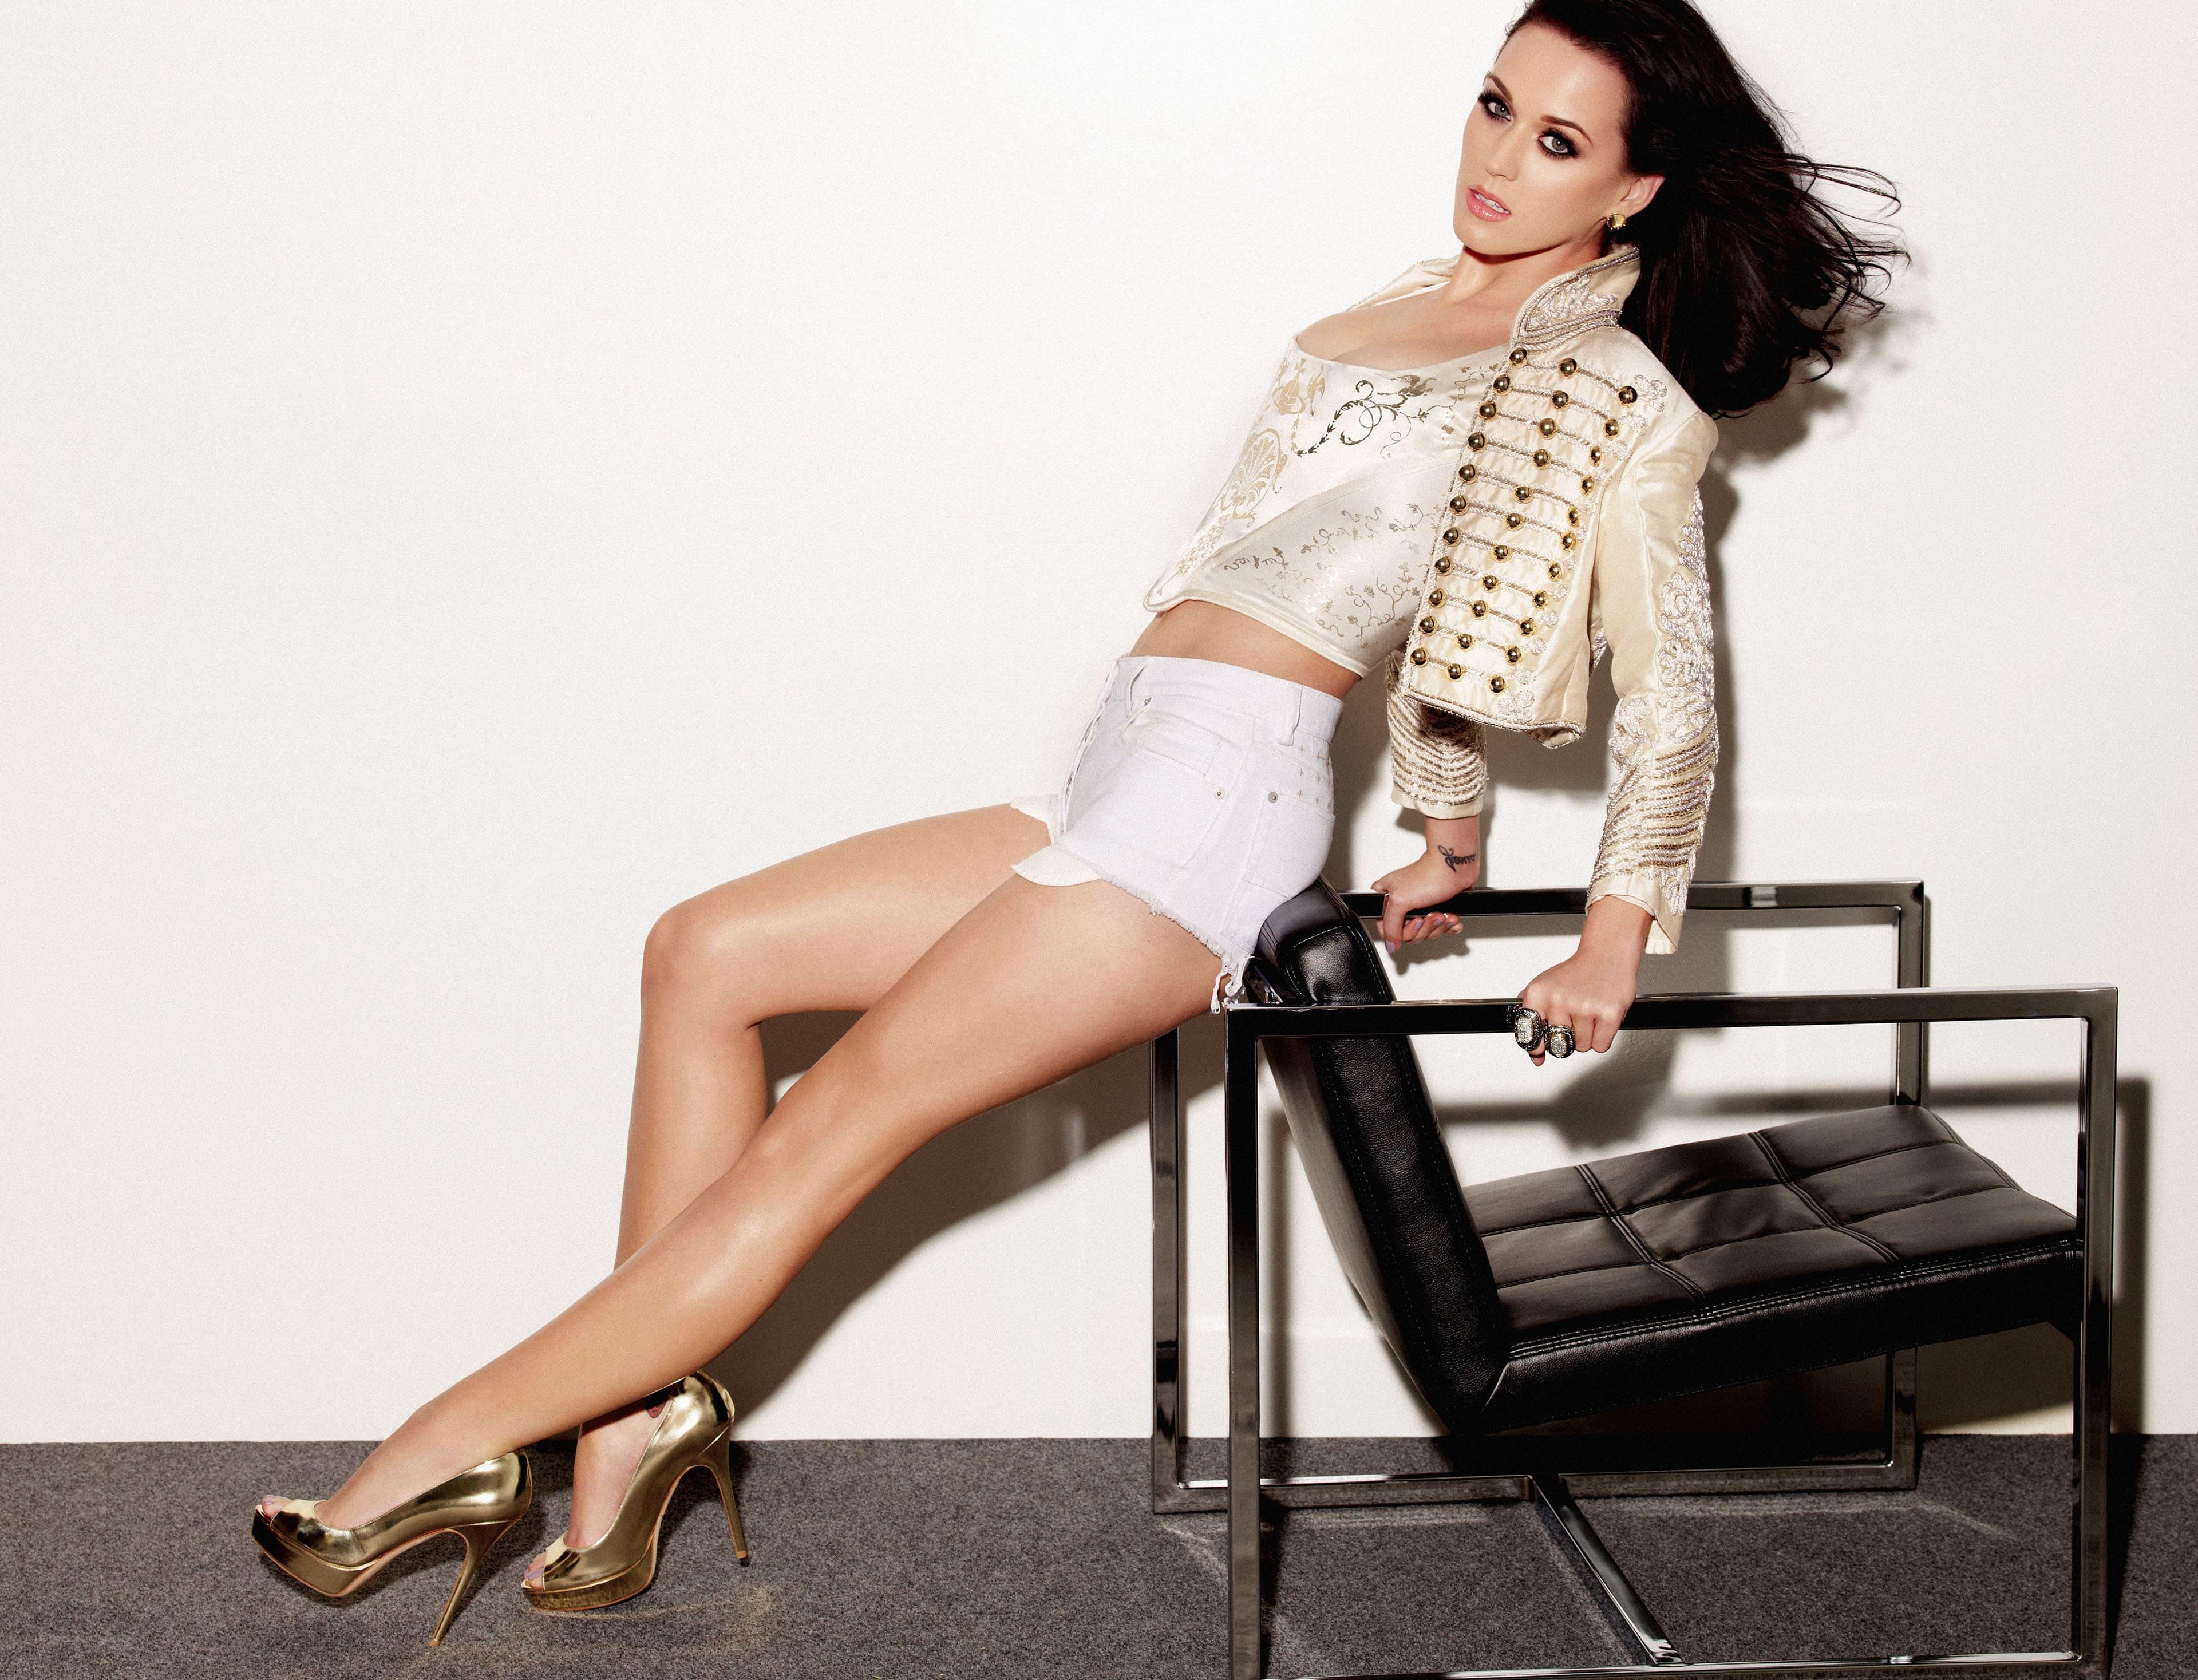 Певица Кэти Перри в белых коротких шортах, девушка брюнетка, 3840 на 2935 пикселей